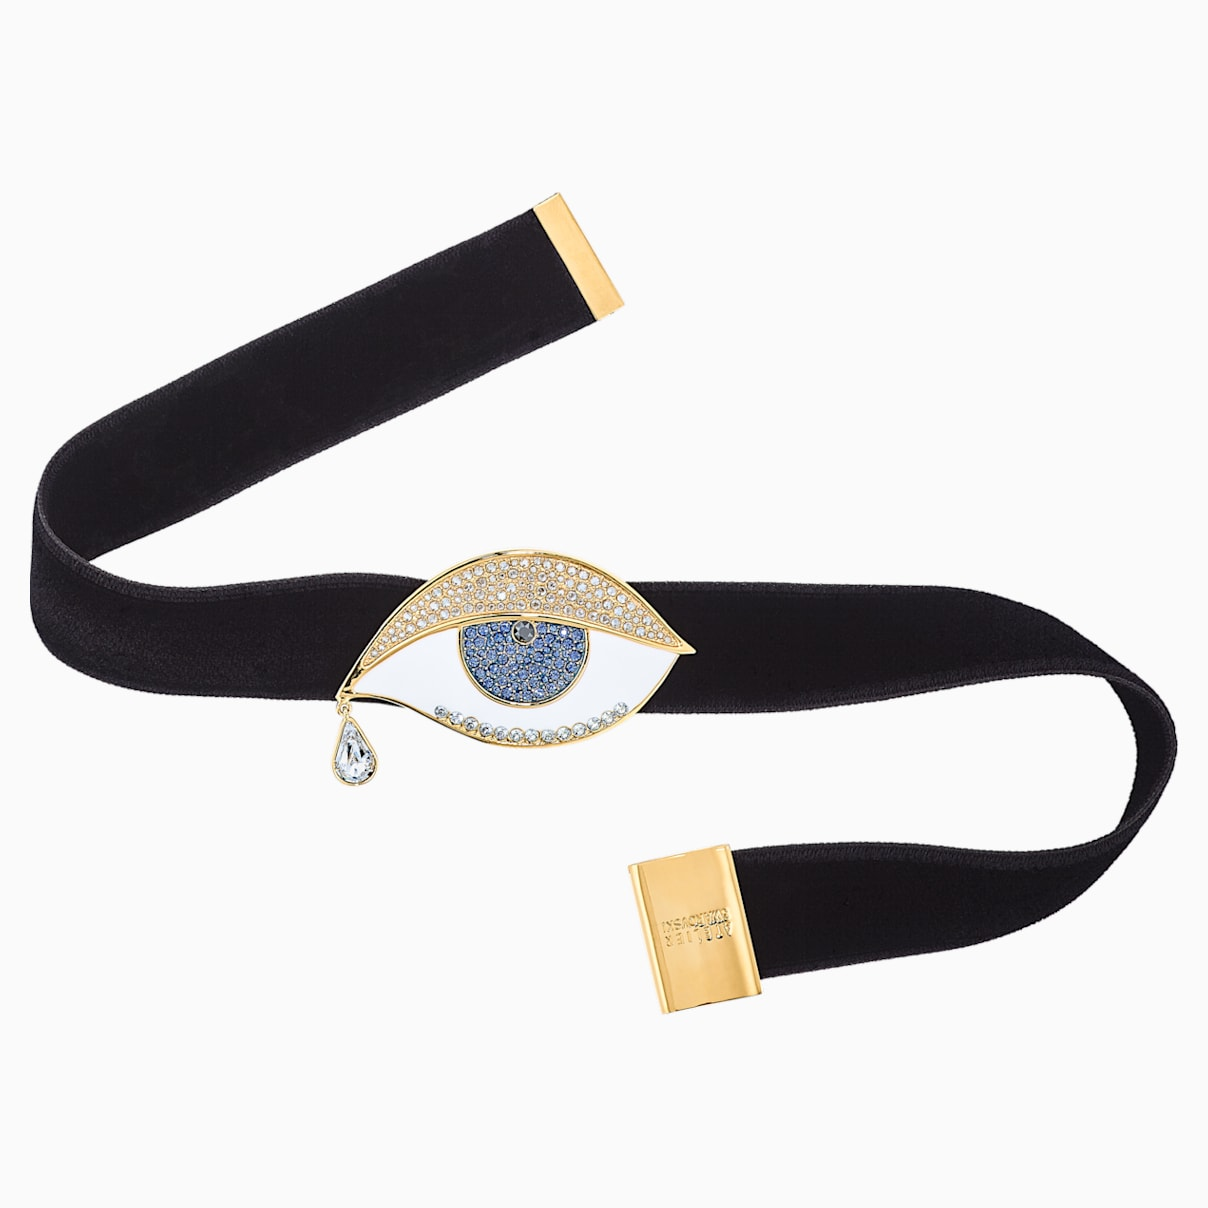 Girocollo Surreal Dream, occhio, nero, placcato color oro